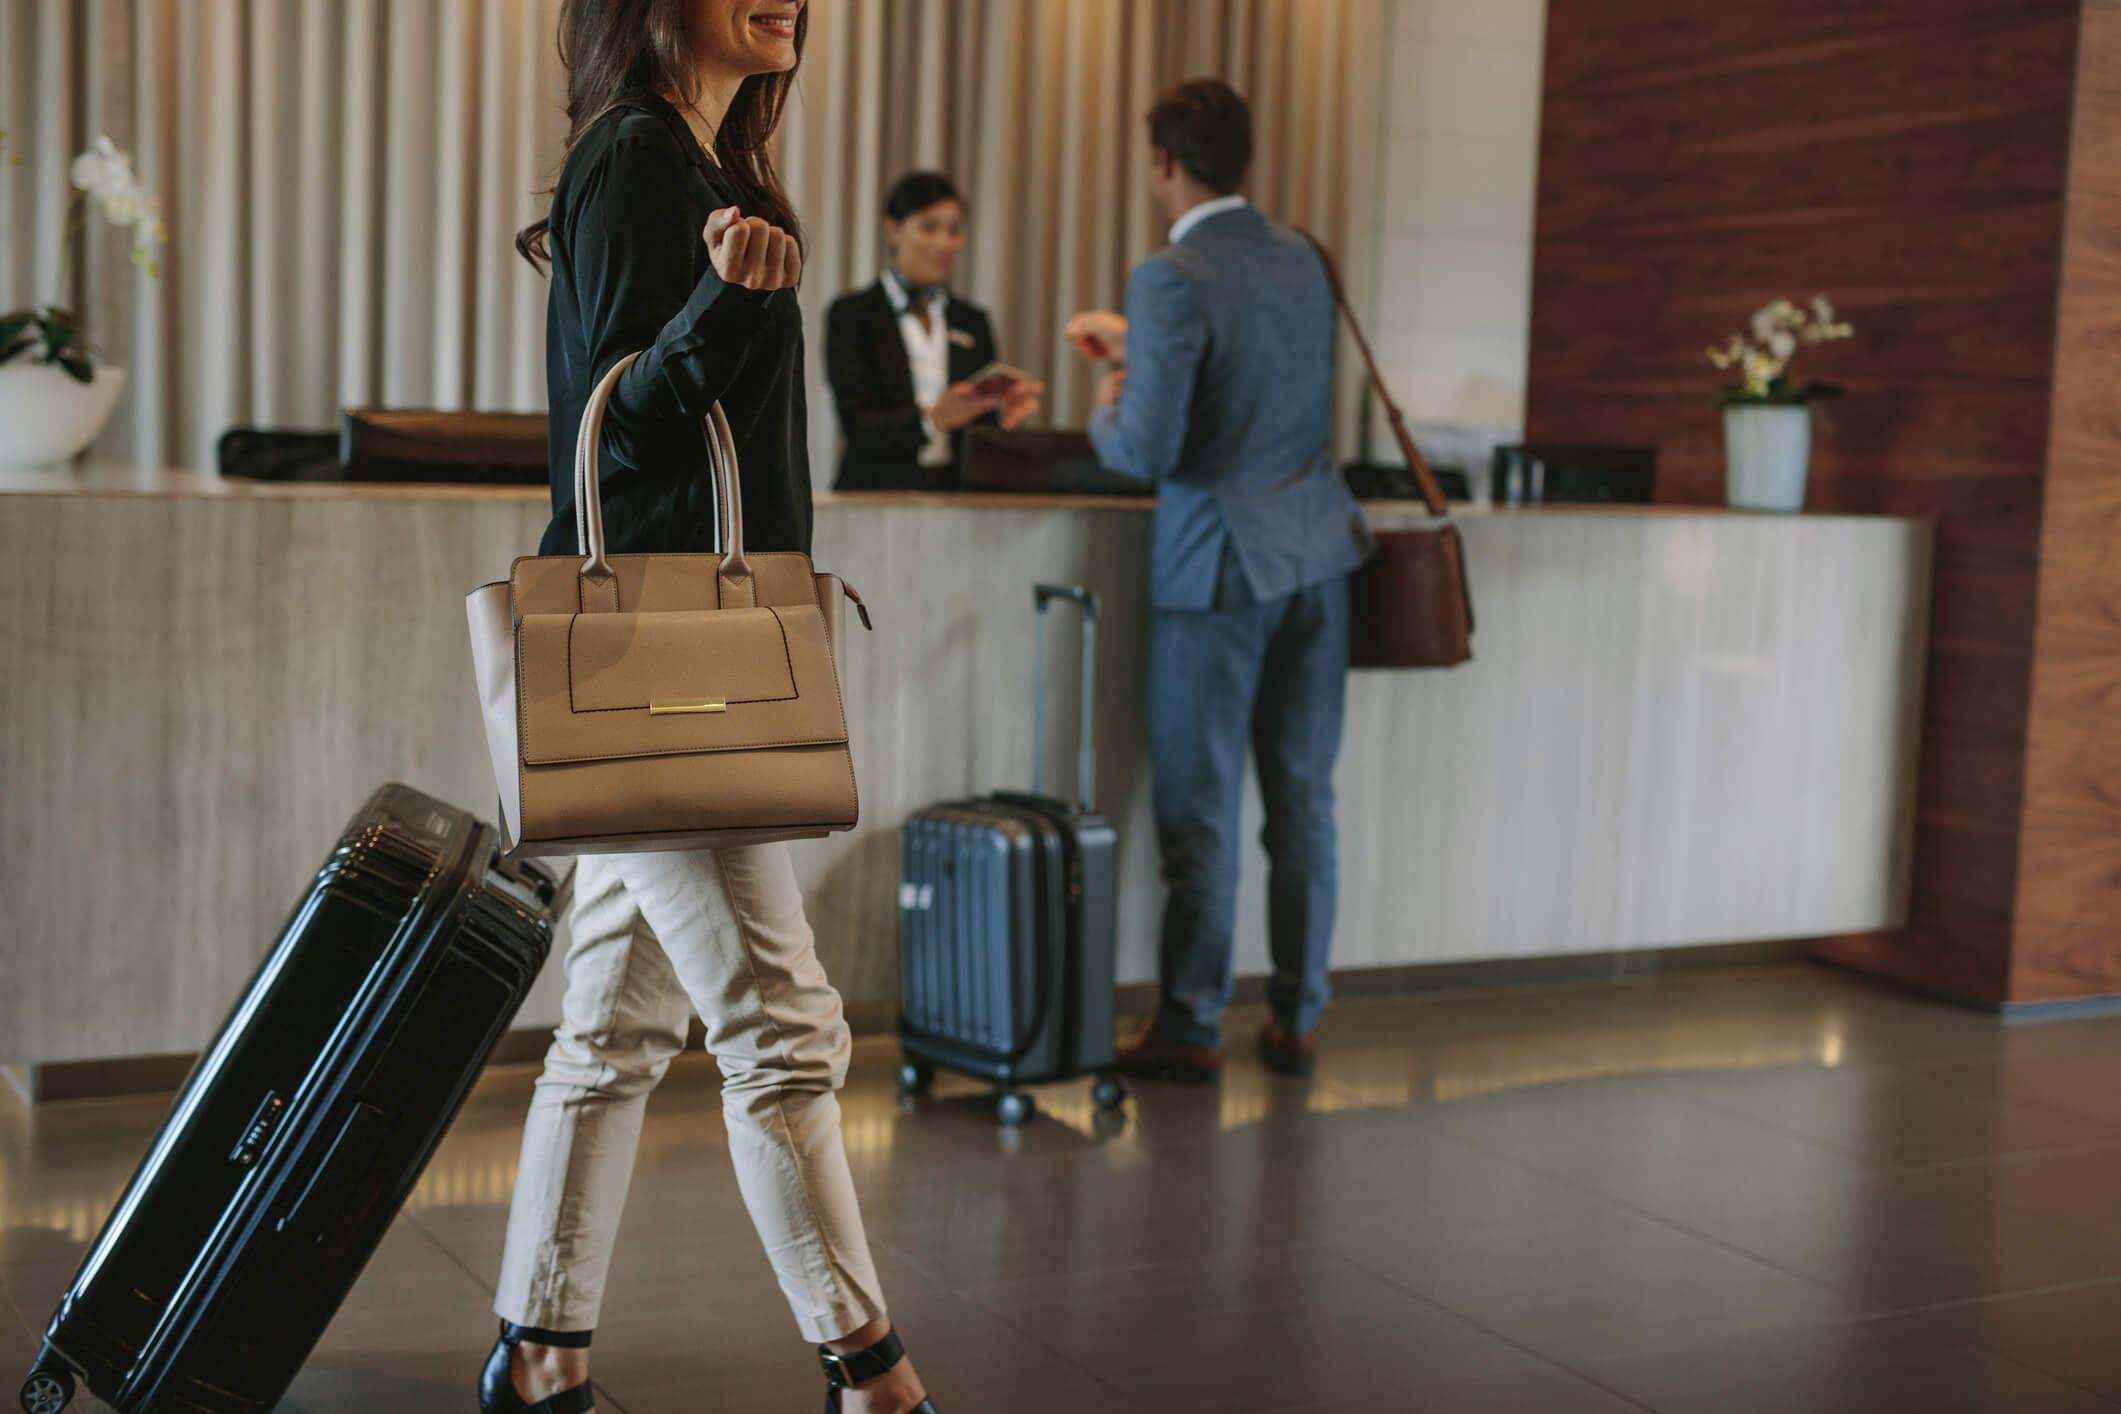 【大阪勤務】インドネシア進出を目指す大阪のホテルがフロントスタッフ / インドネシアでの幹部候補募集!